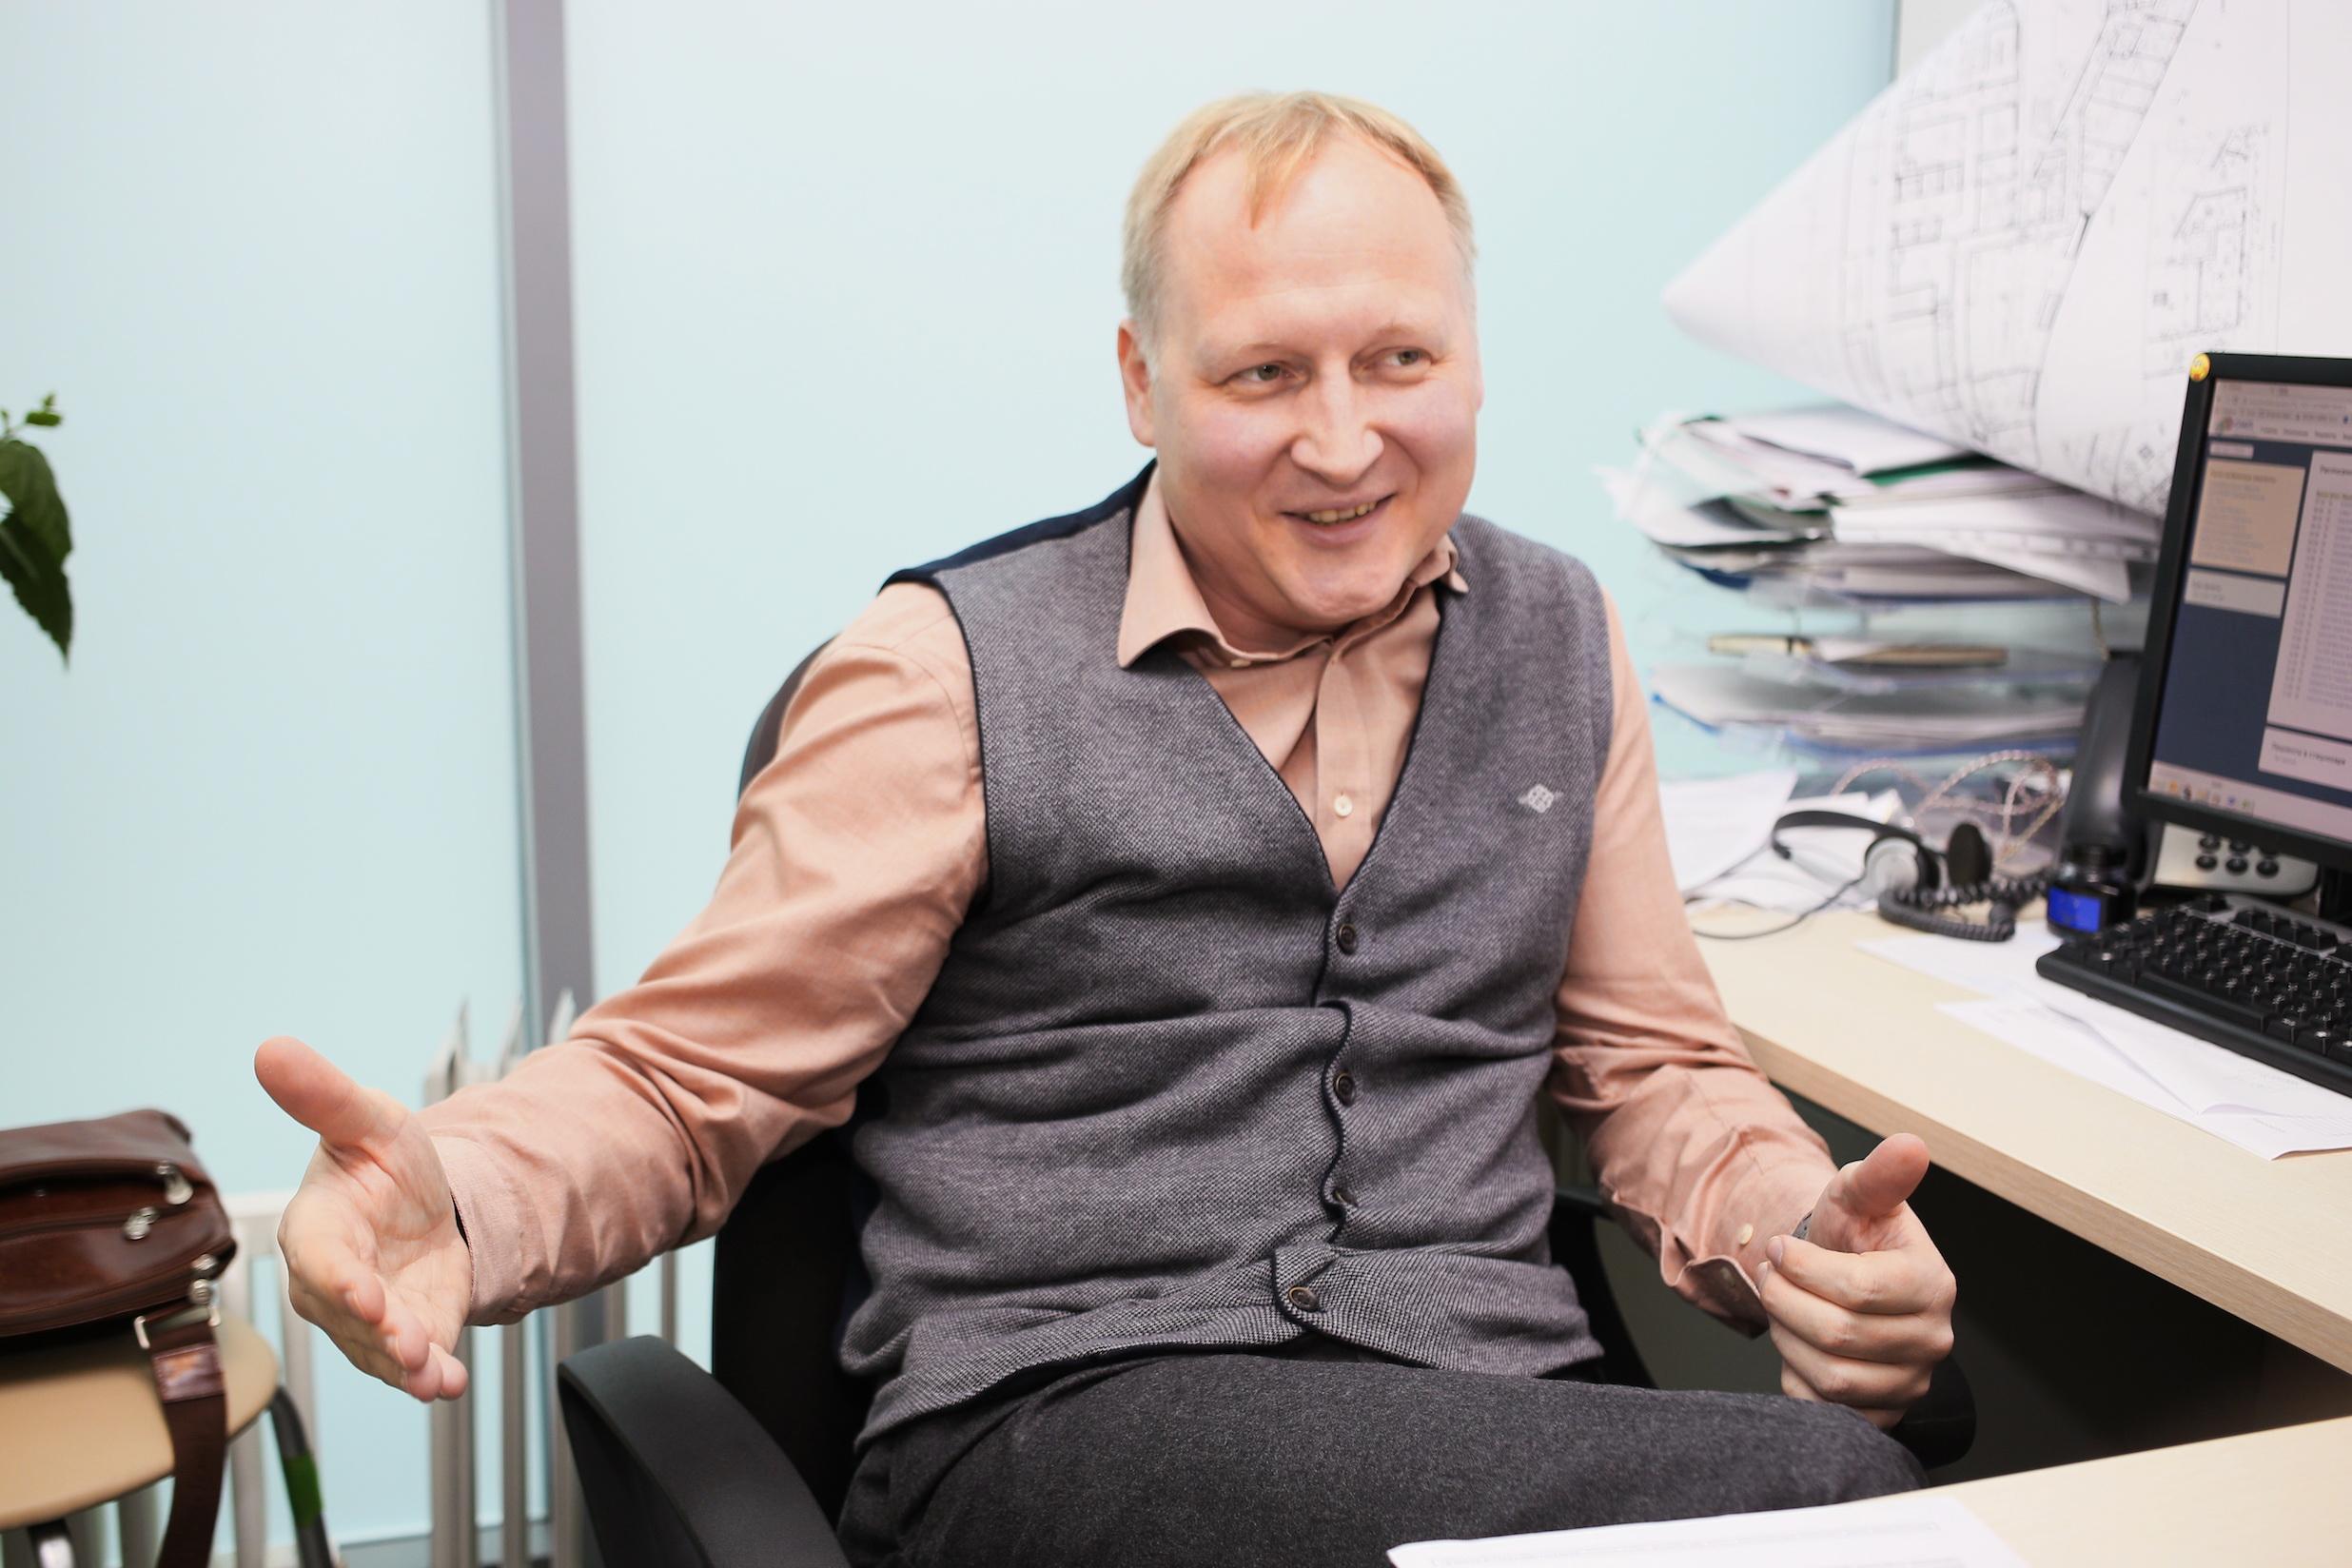 Николай Никитин, руководитель службы экстренной и неотложной помощи EMC